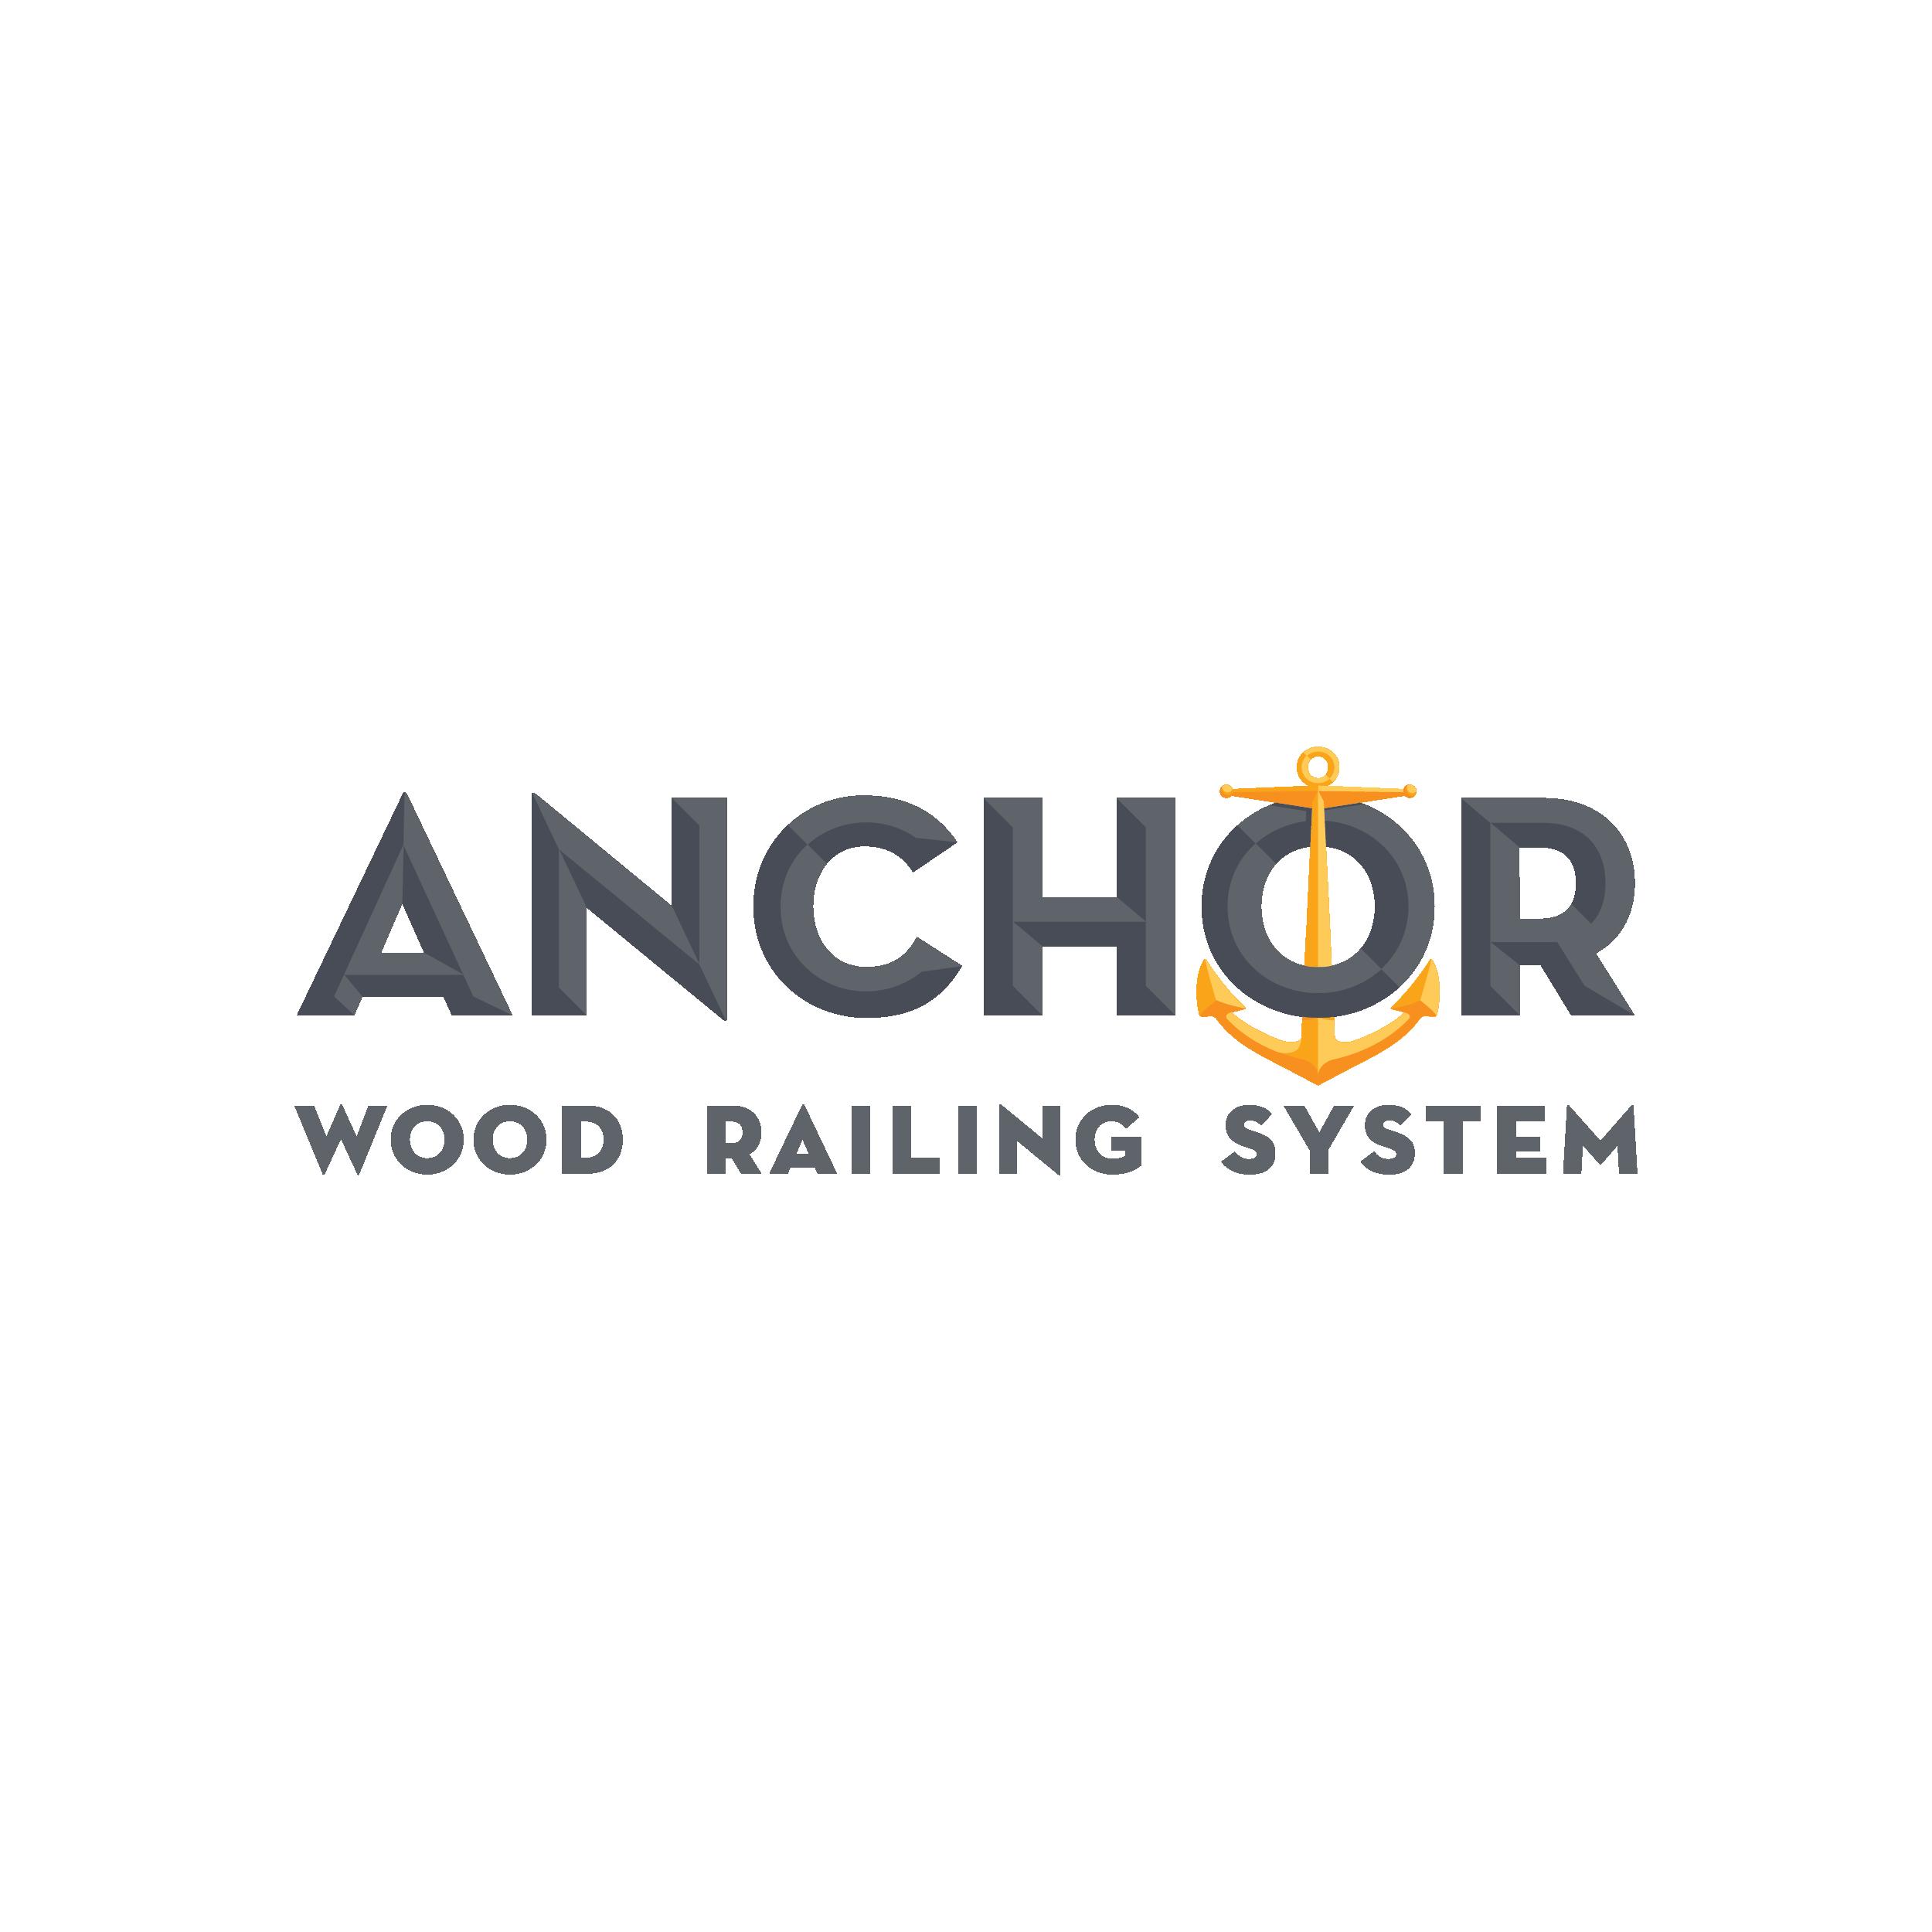 Anchor Wood Railing System